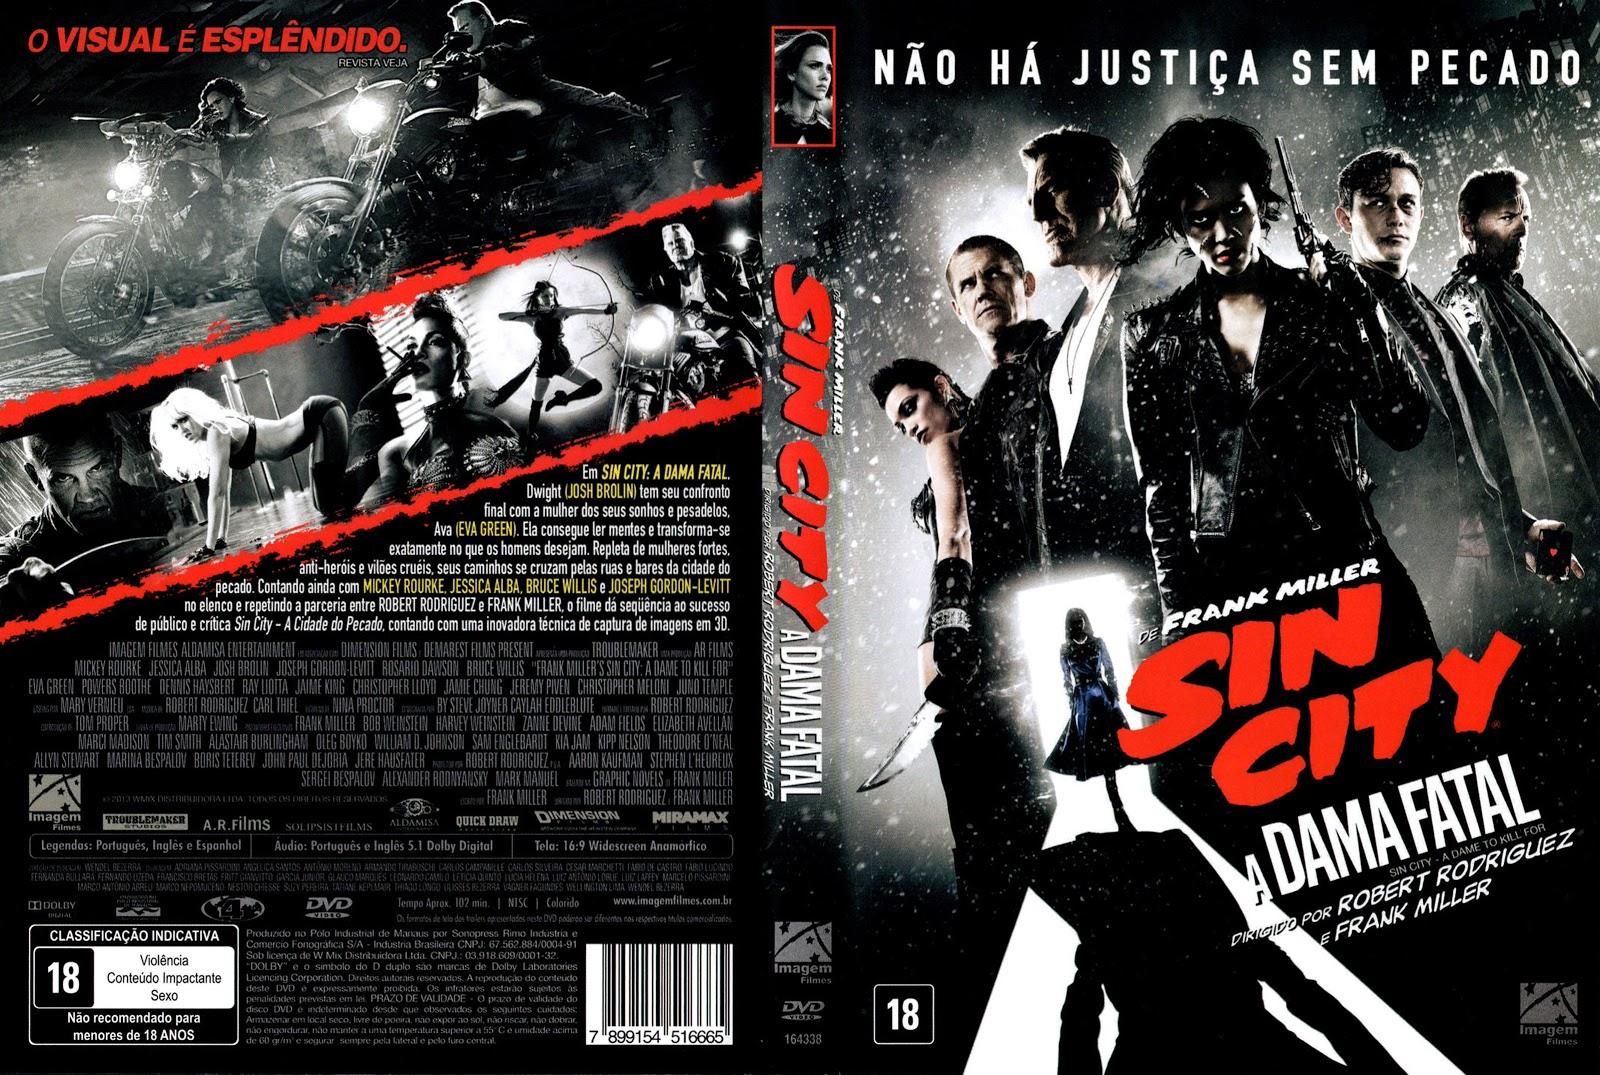 Capa DVD Sin City A Dama Fatal